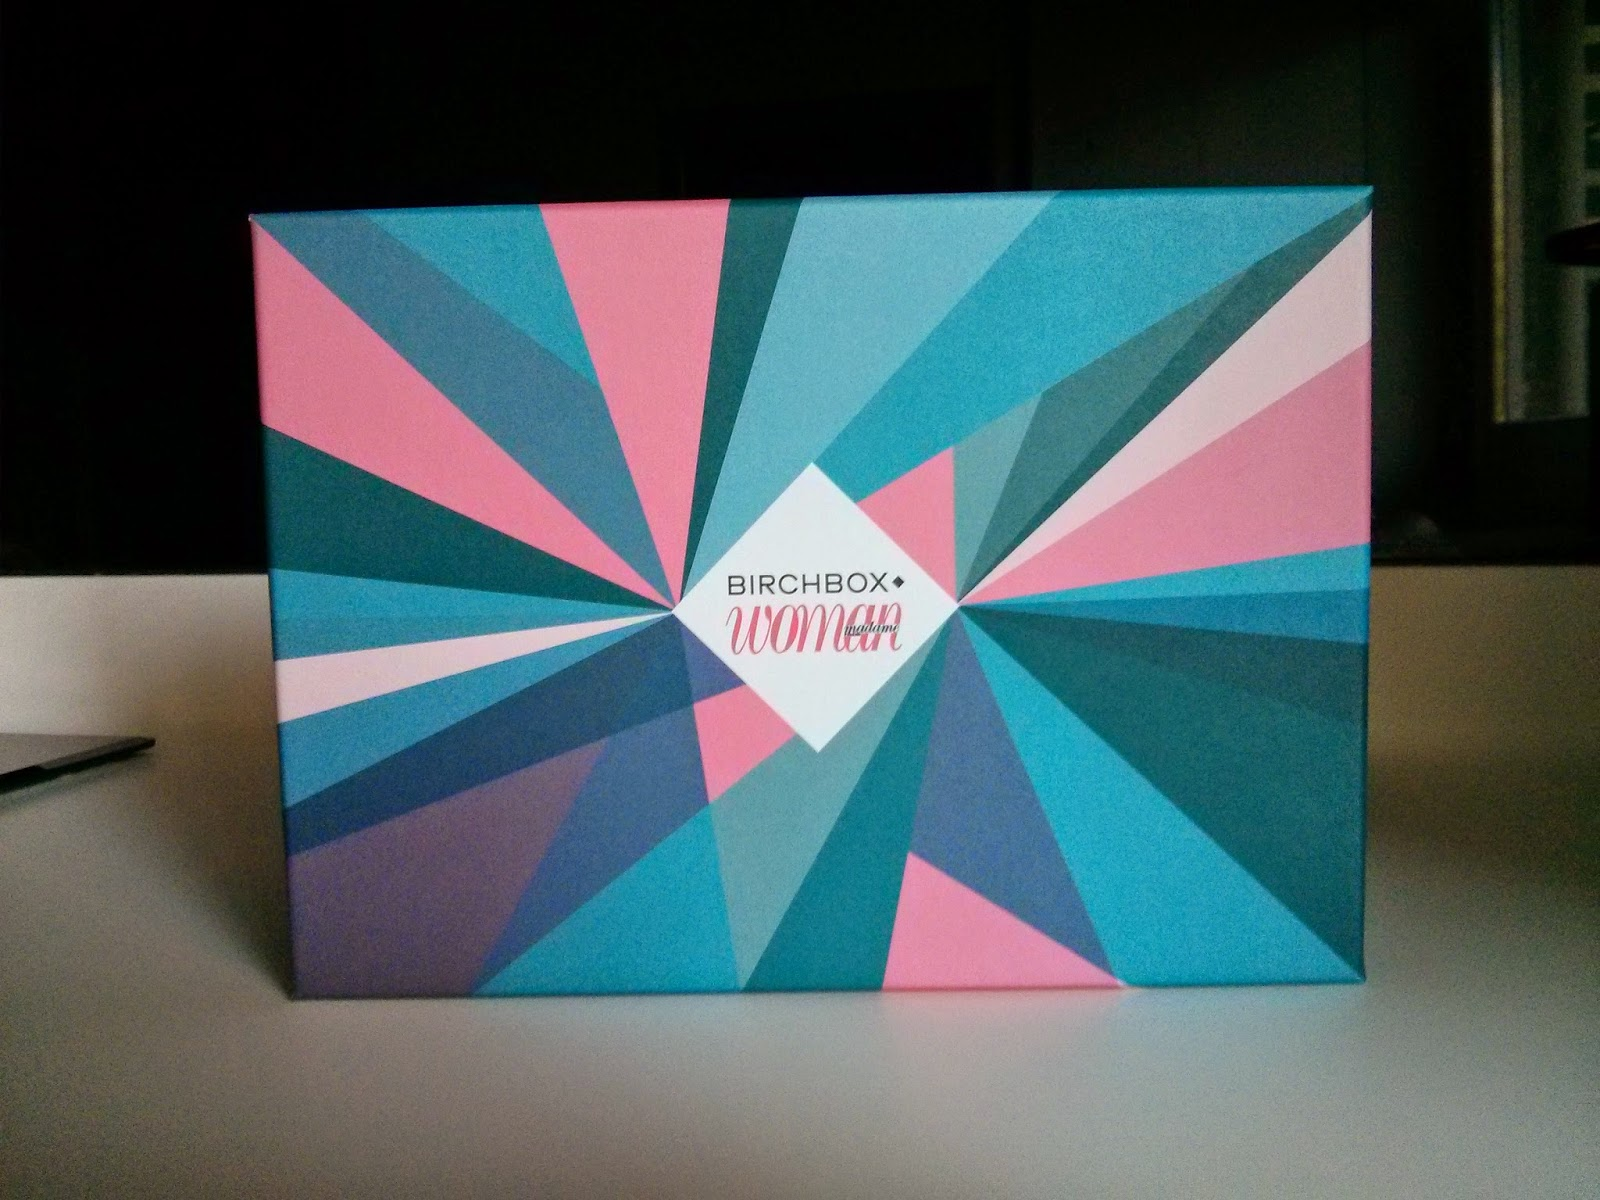 VipandSmart Birchbox julio'14